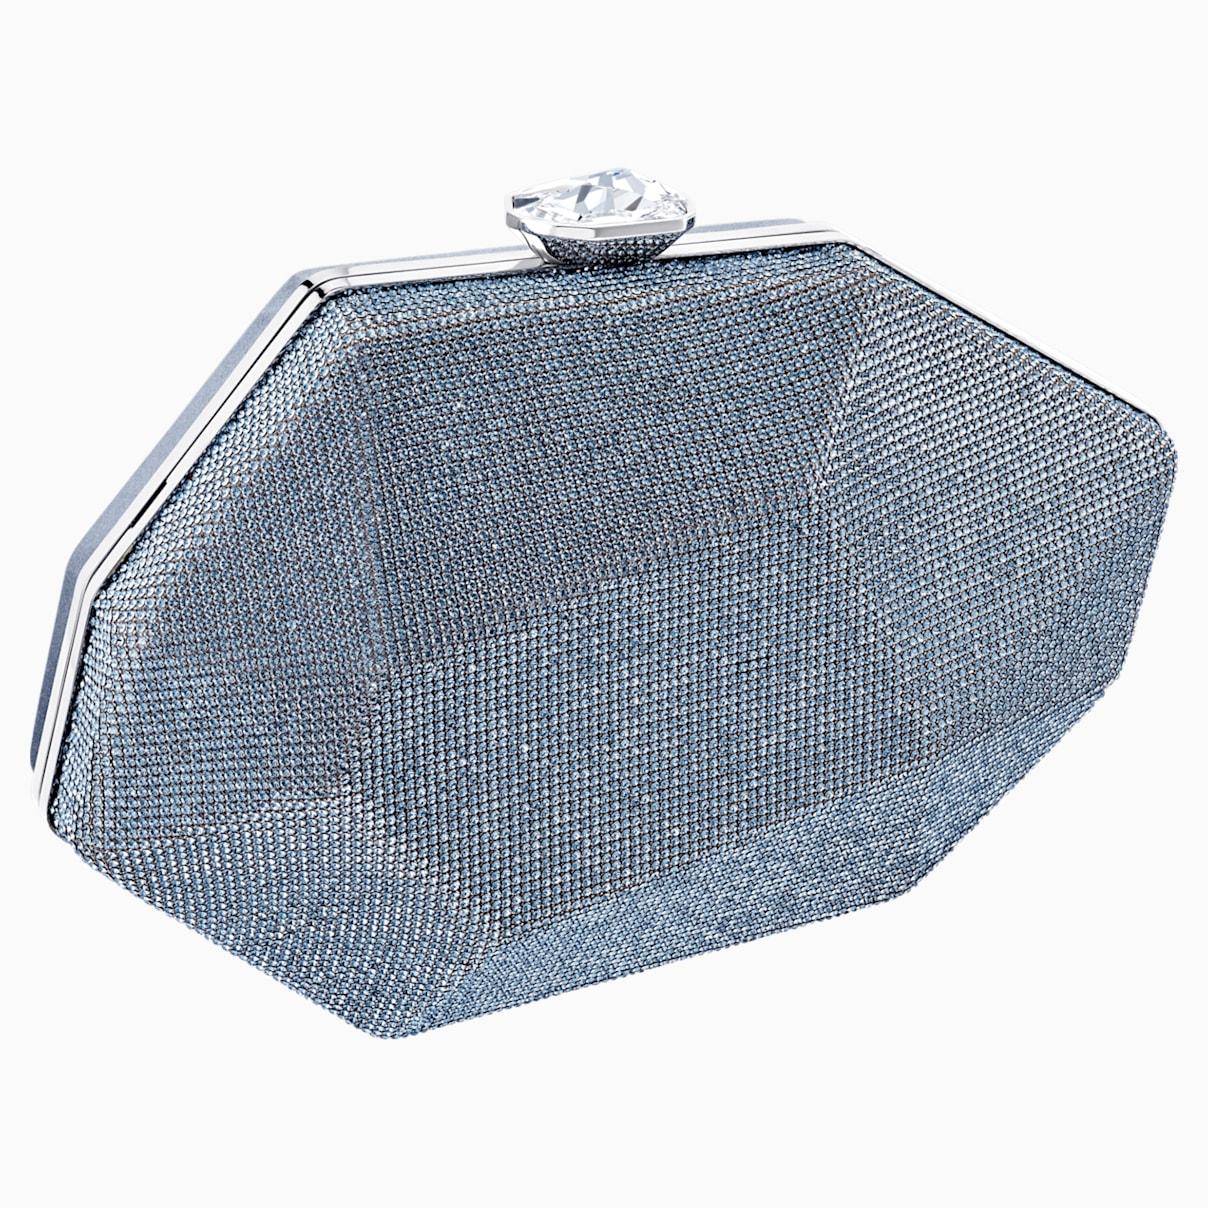 Sac Marina, bleu, métal plaqué palladium